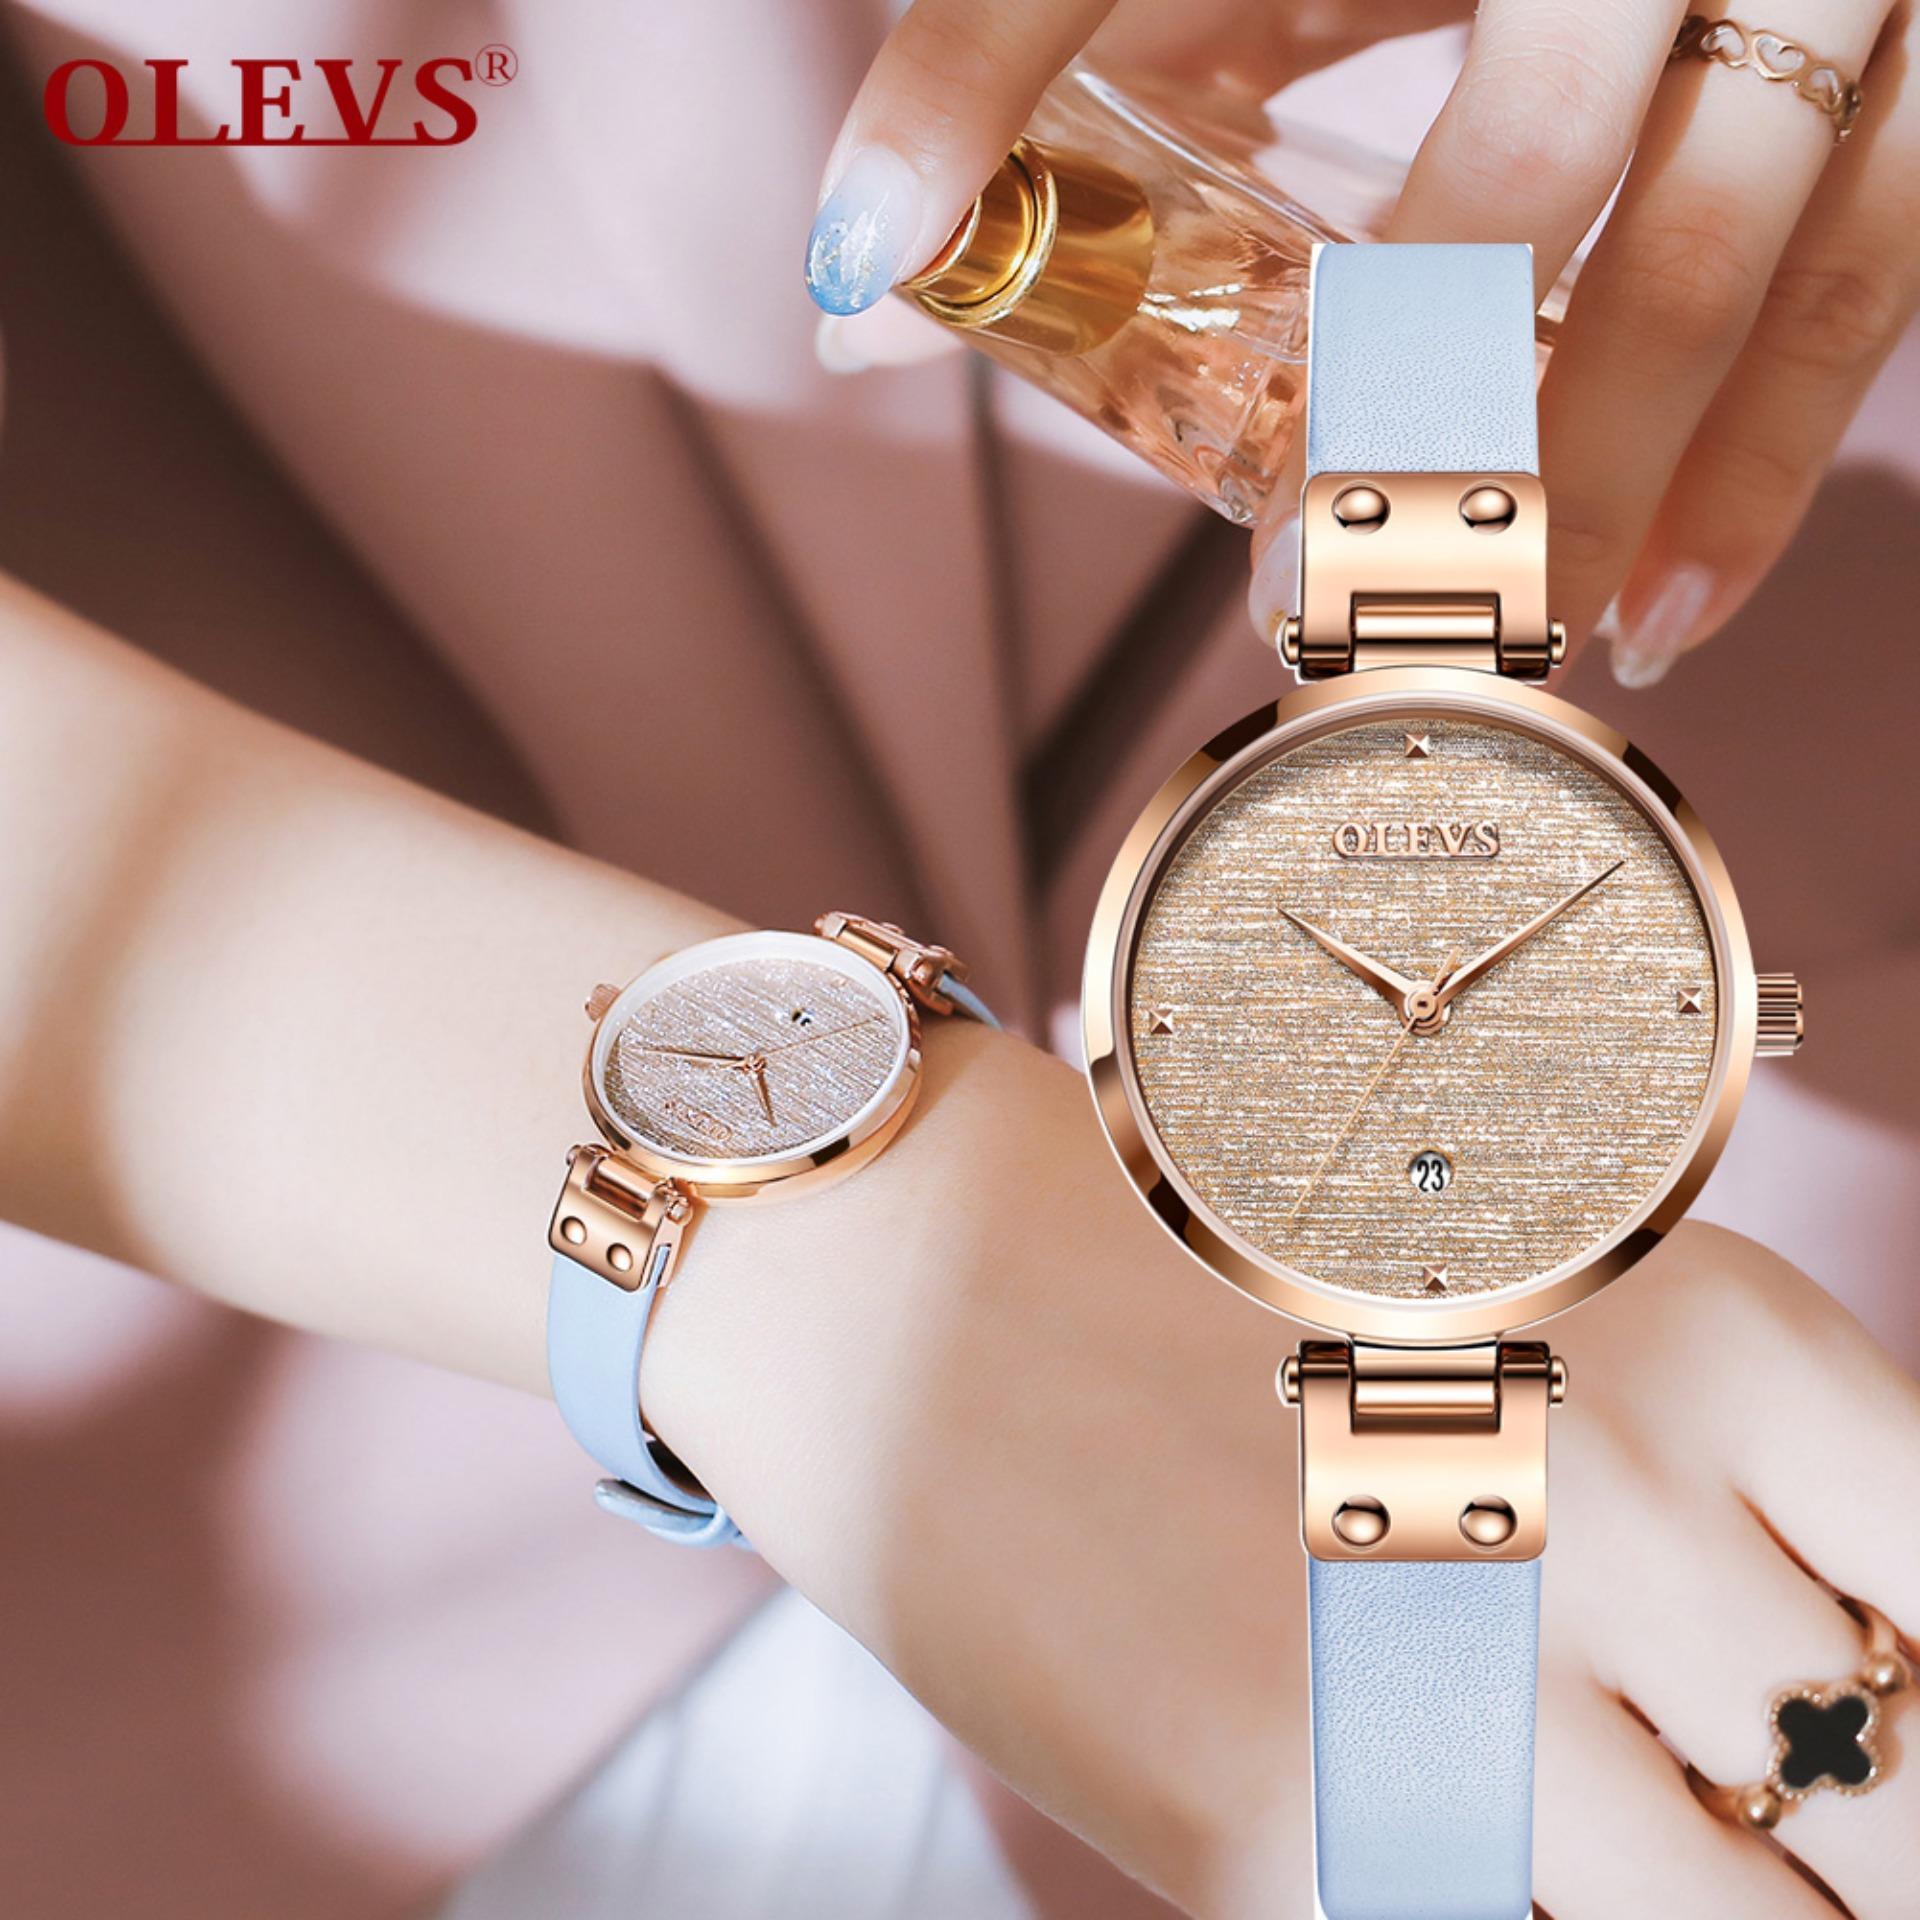 Nơi bán OLEVS Nữ Đồng hồ Đơn Giản thạch anh Sáng sang trọng thời trang đồng hồ nữ 2019 mới ban đầu xác thực Thương hiệu Hoa Hồng vàng đồng hồ chống nước nhật Bản phong trào